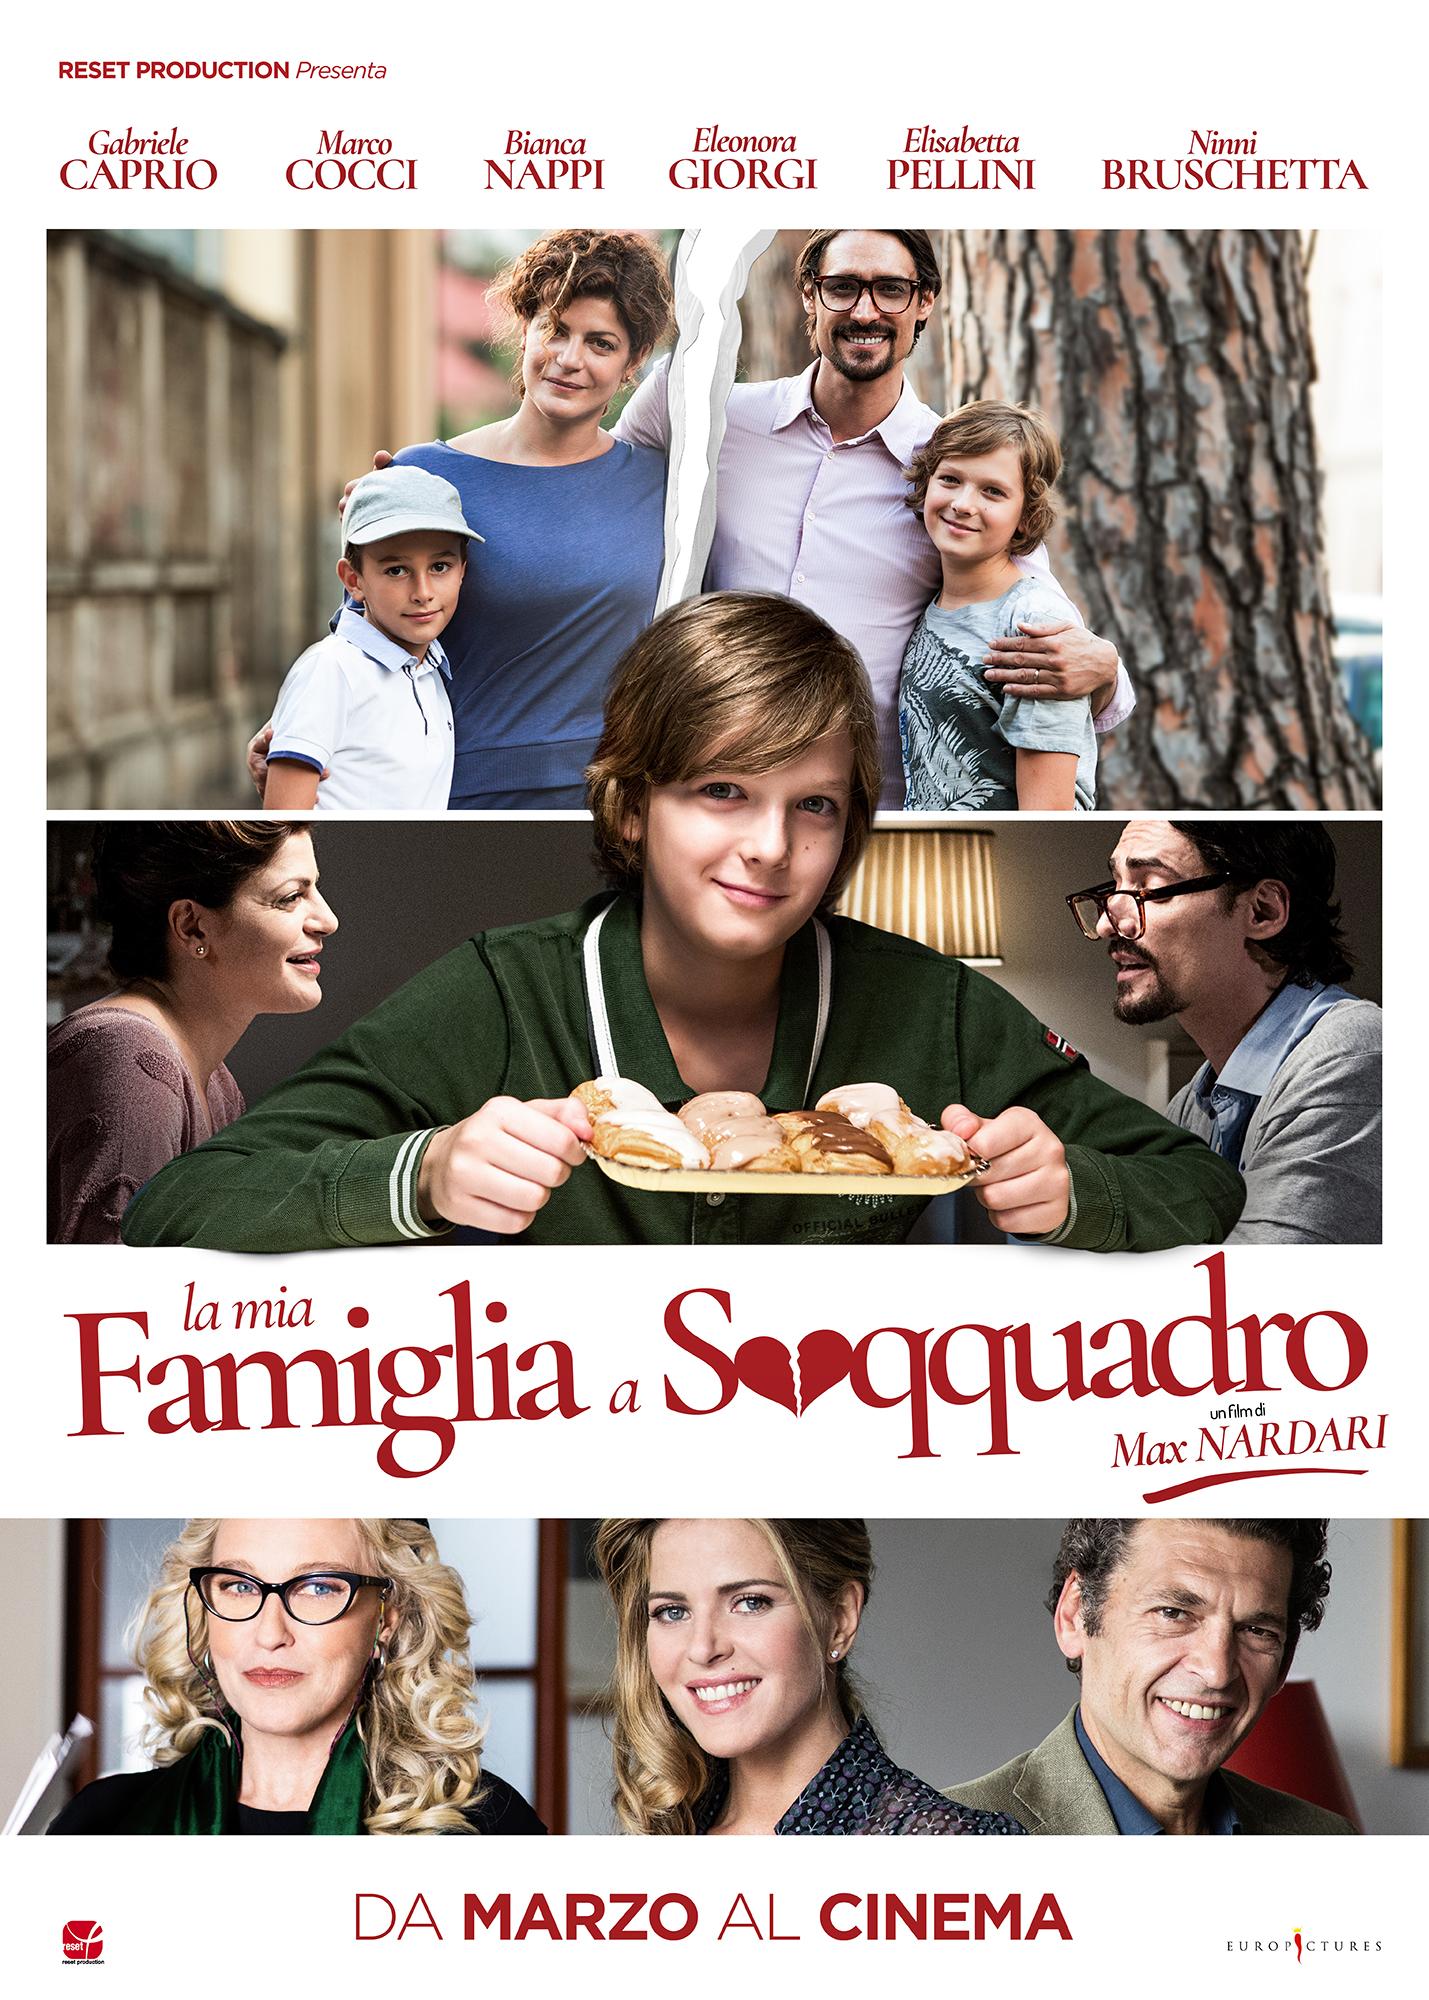 Bianca nappi la mia famiglia a soqquadro movie photocall in rome